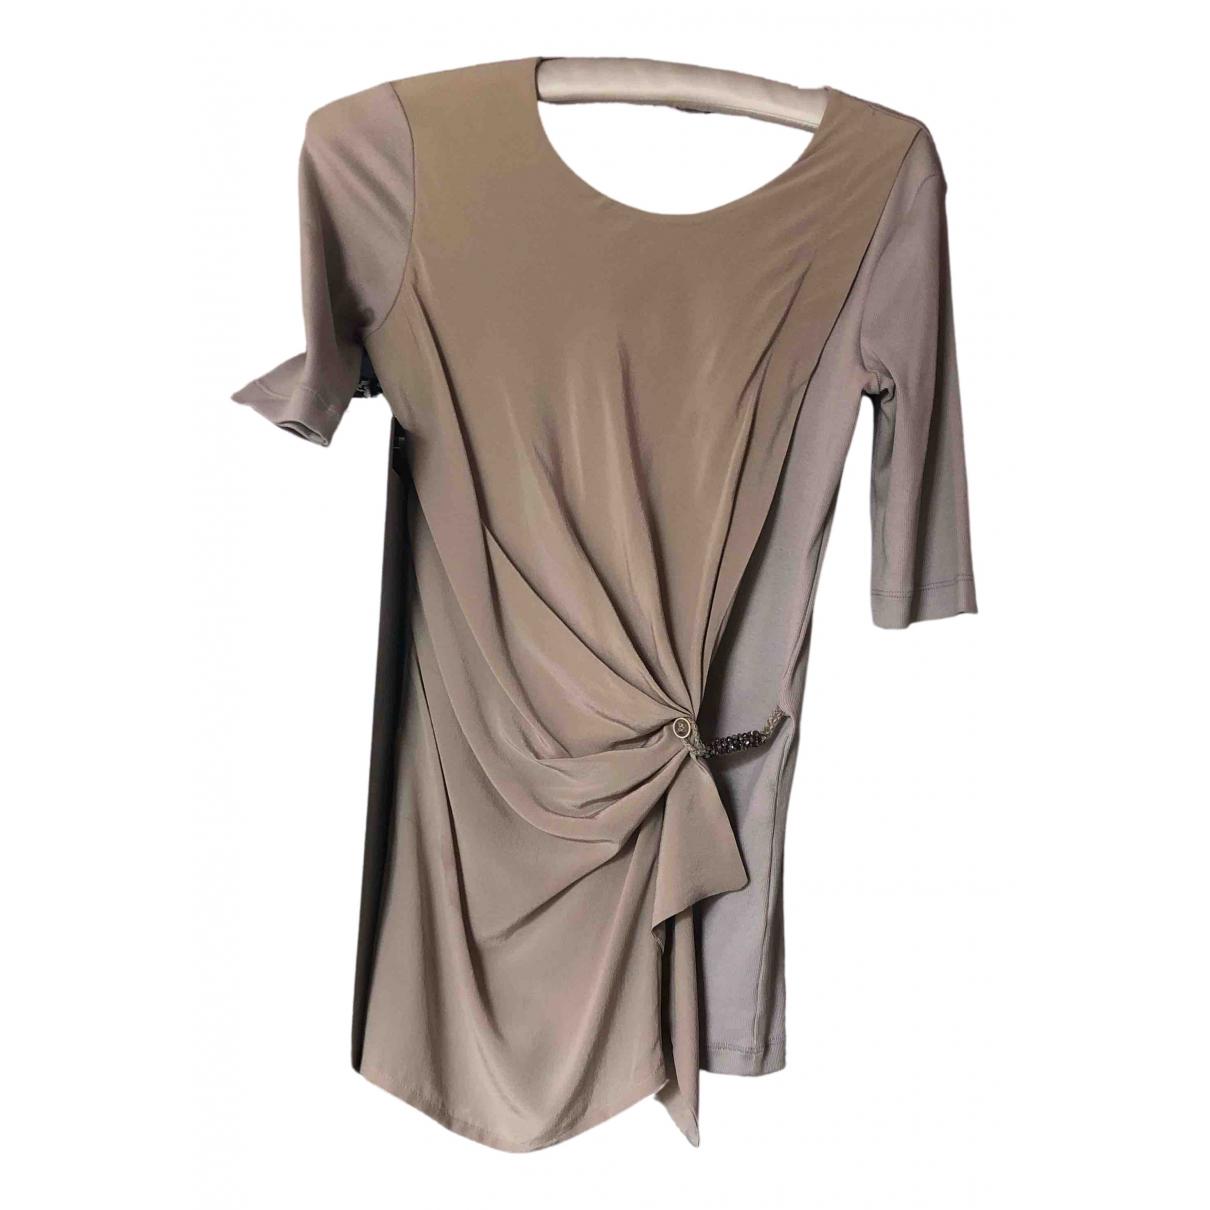 Fabiana Filippi \N Beige Silk  top for Women 36 IT